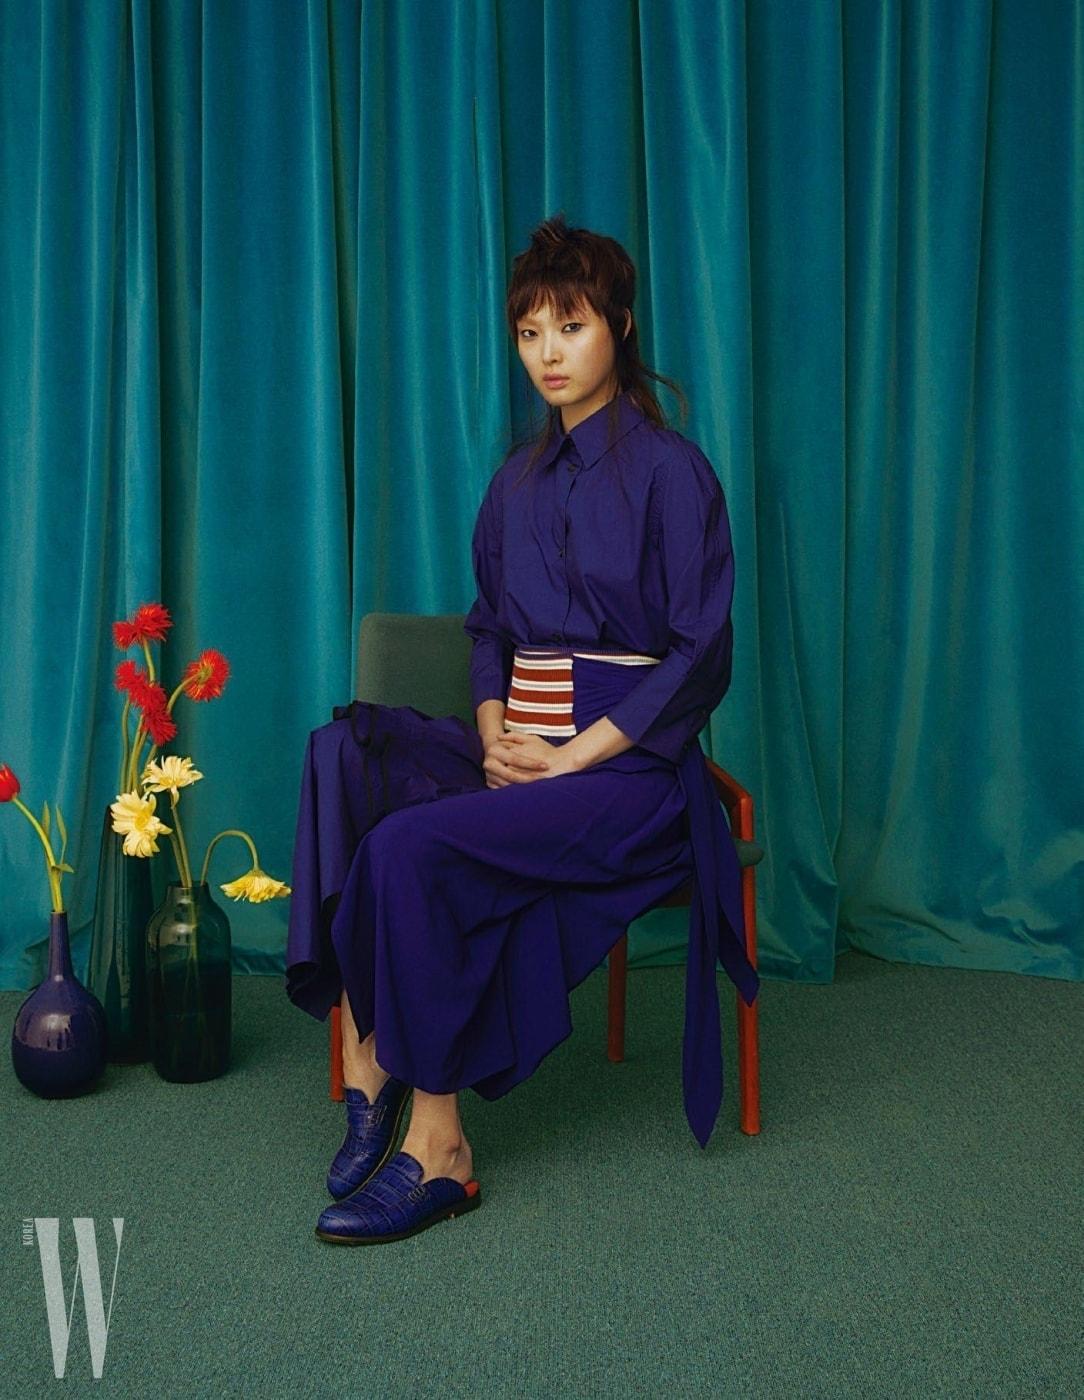 파란색 셔츠와 줄무늬 밴드 장식 랩스커트는 Marni, 슈즈는 Loewe 제품.